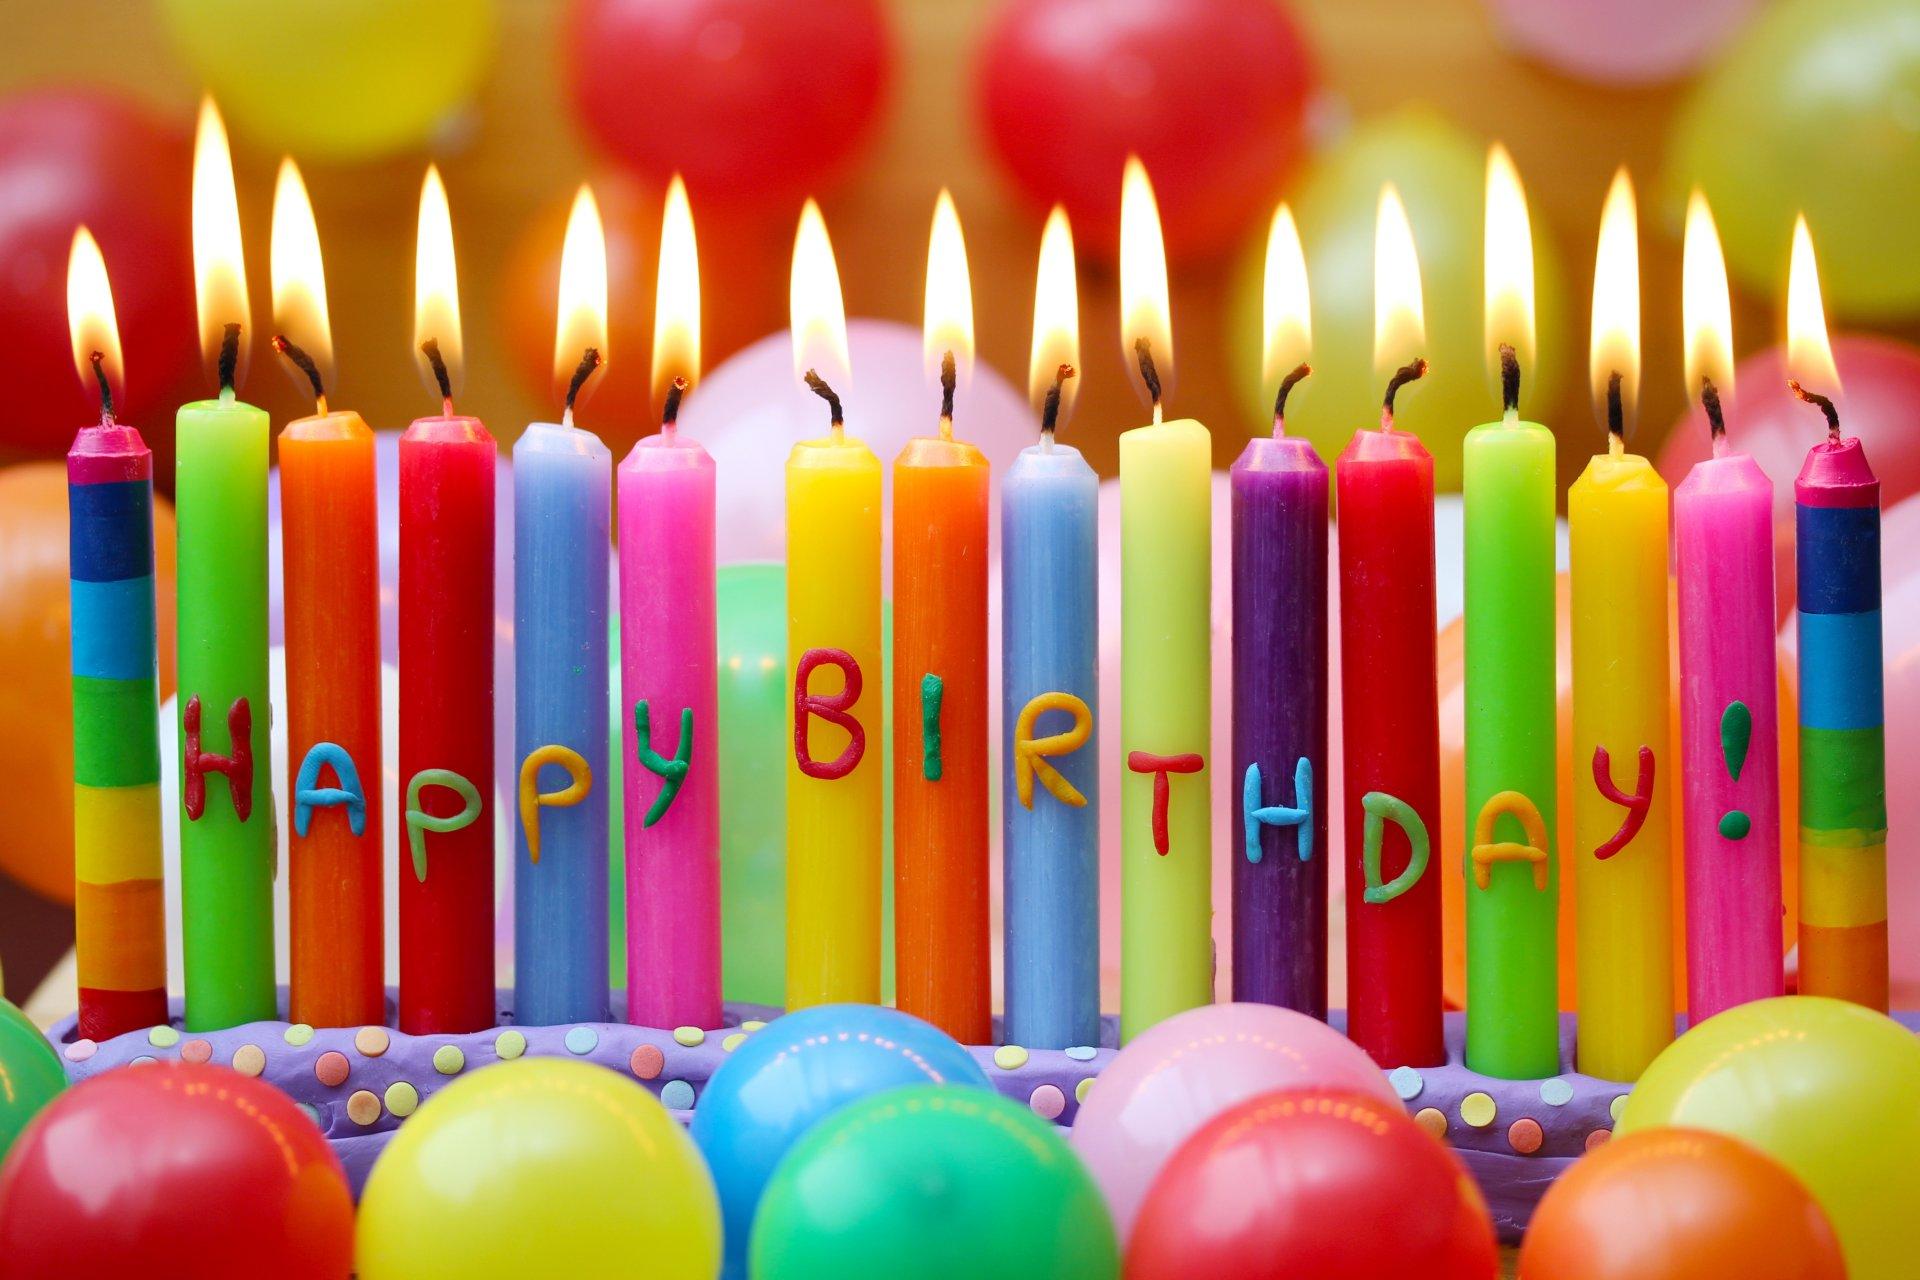 Картинка с днем рождения яркая